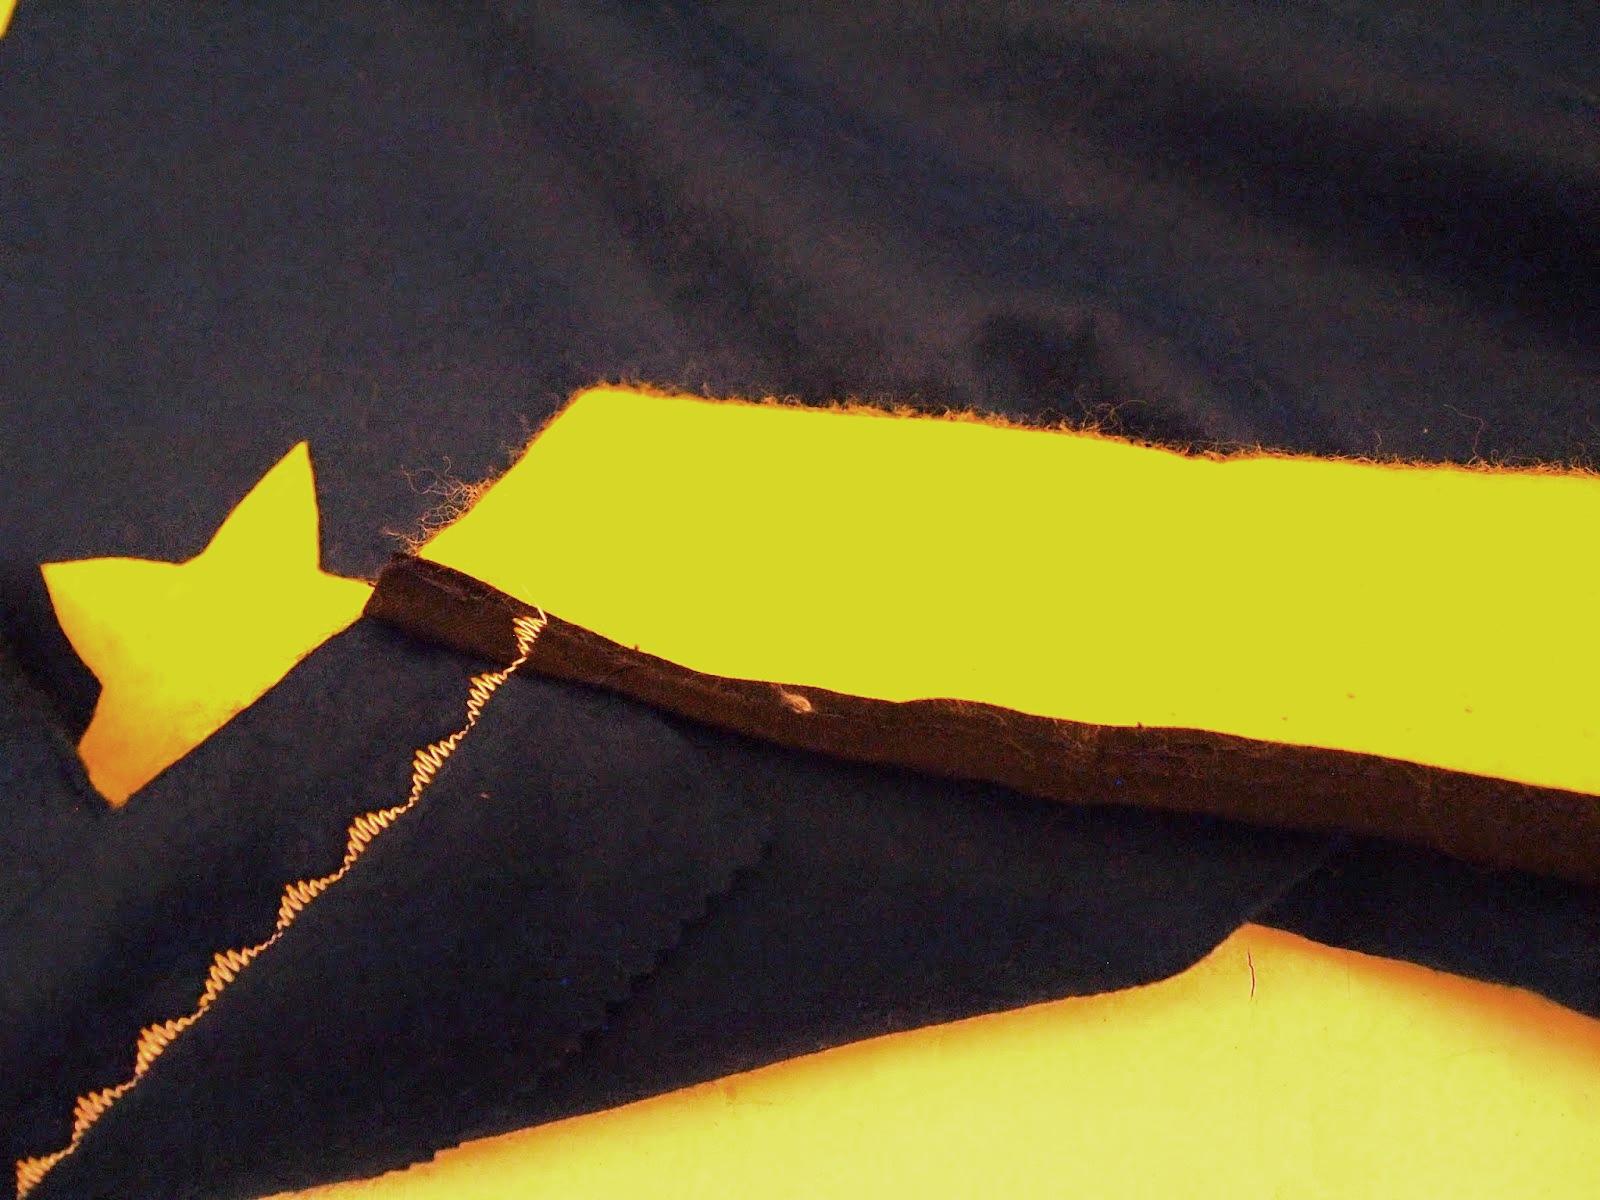 Kostümideen zum Selbermachen: Cape selber nähen